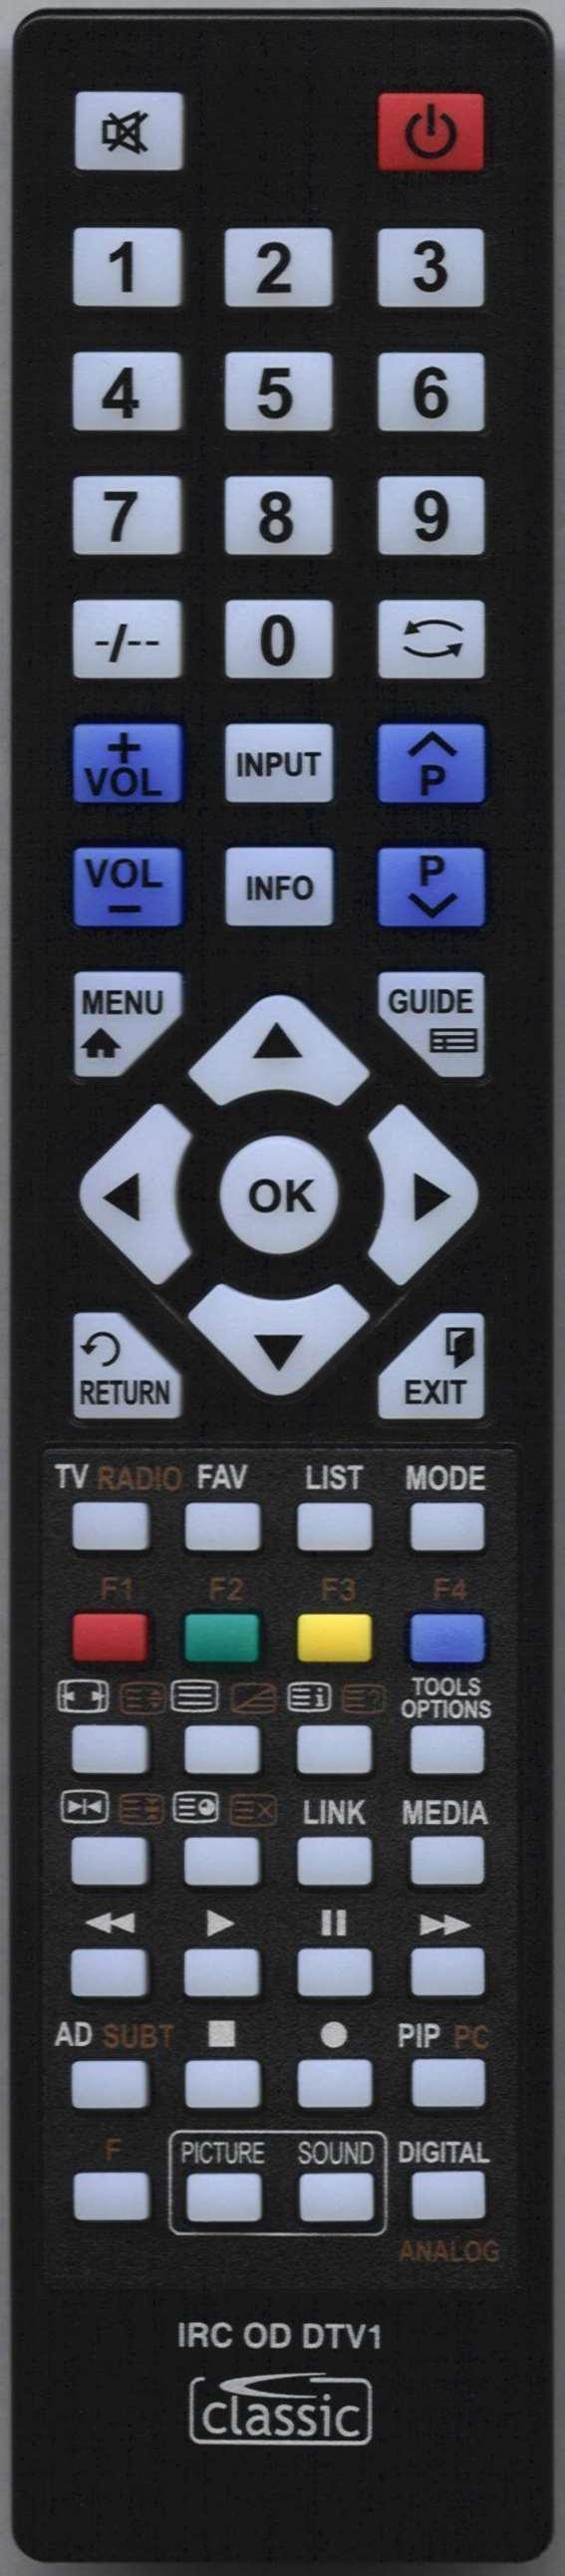 MATSUI 20 T10 Remote Control